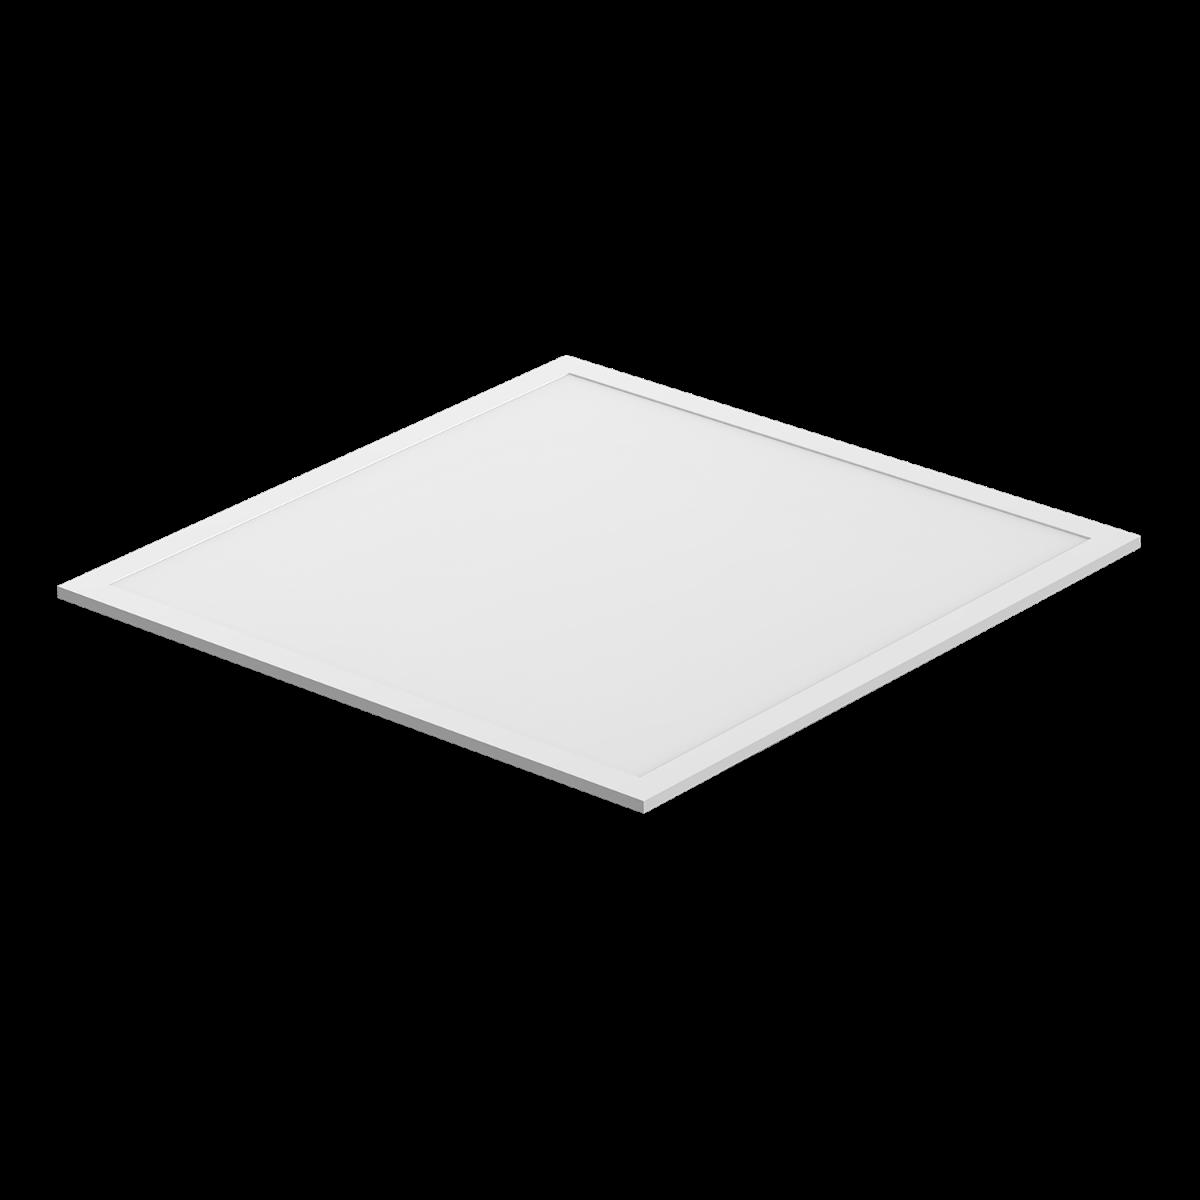 Noxion LED panel Econox 32W 60x60cm 6500K 4400lm UGR <22 | daglys - erstatter 4x18W